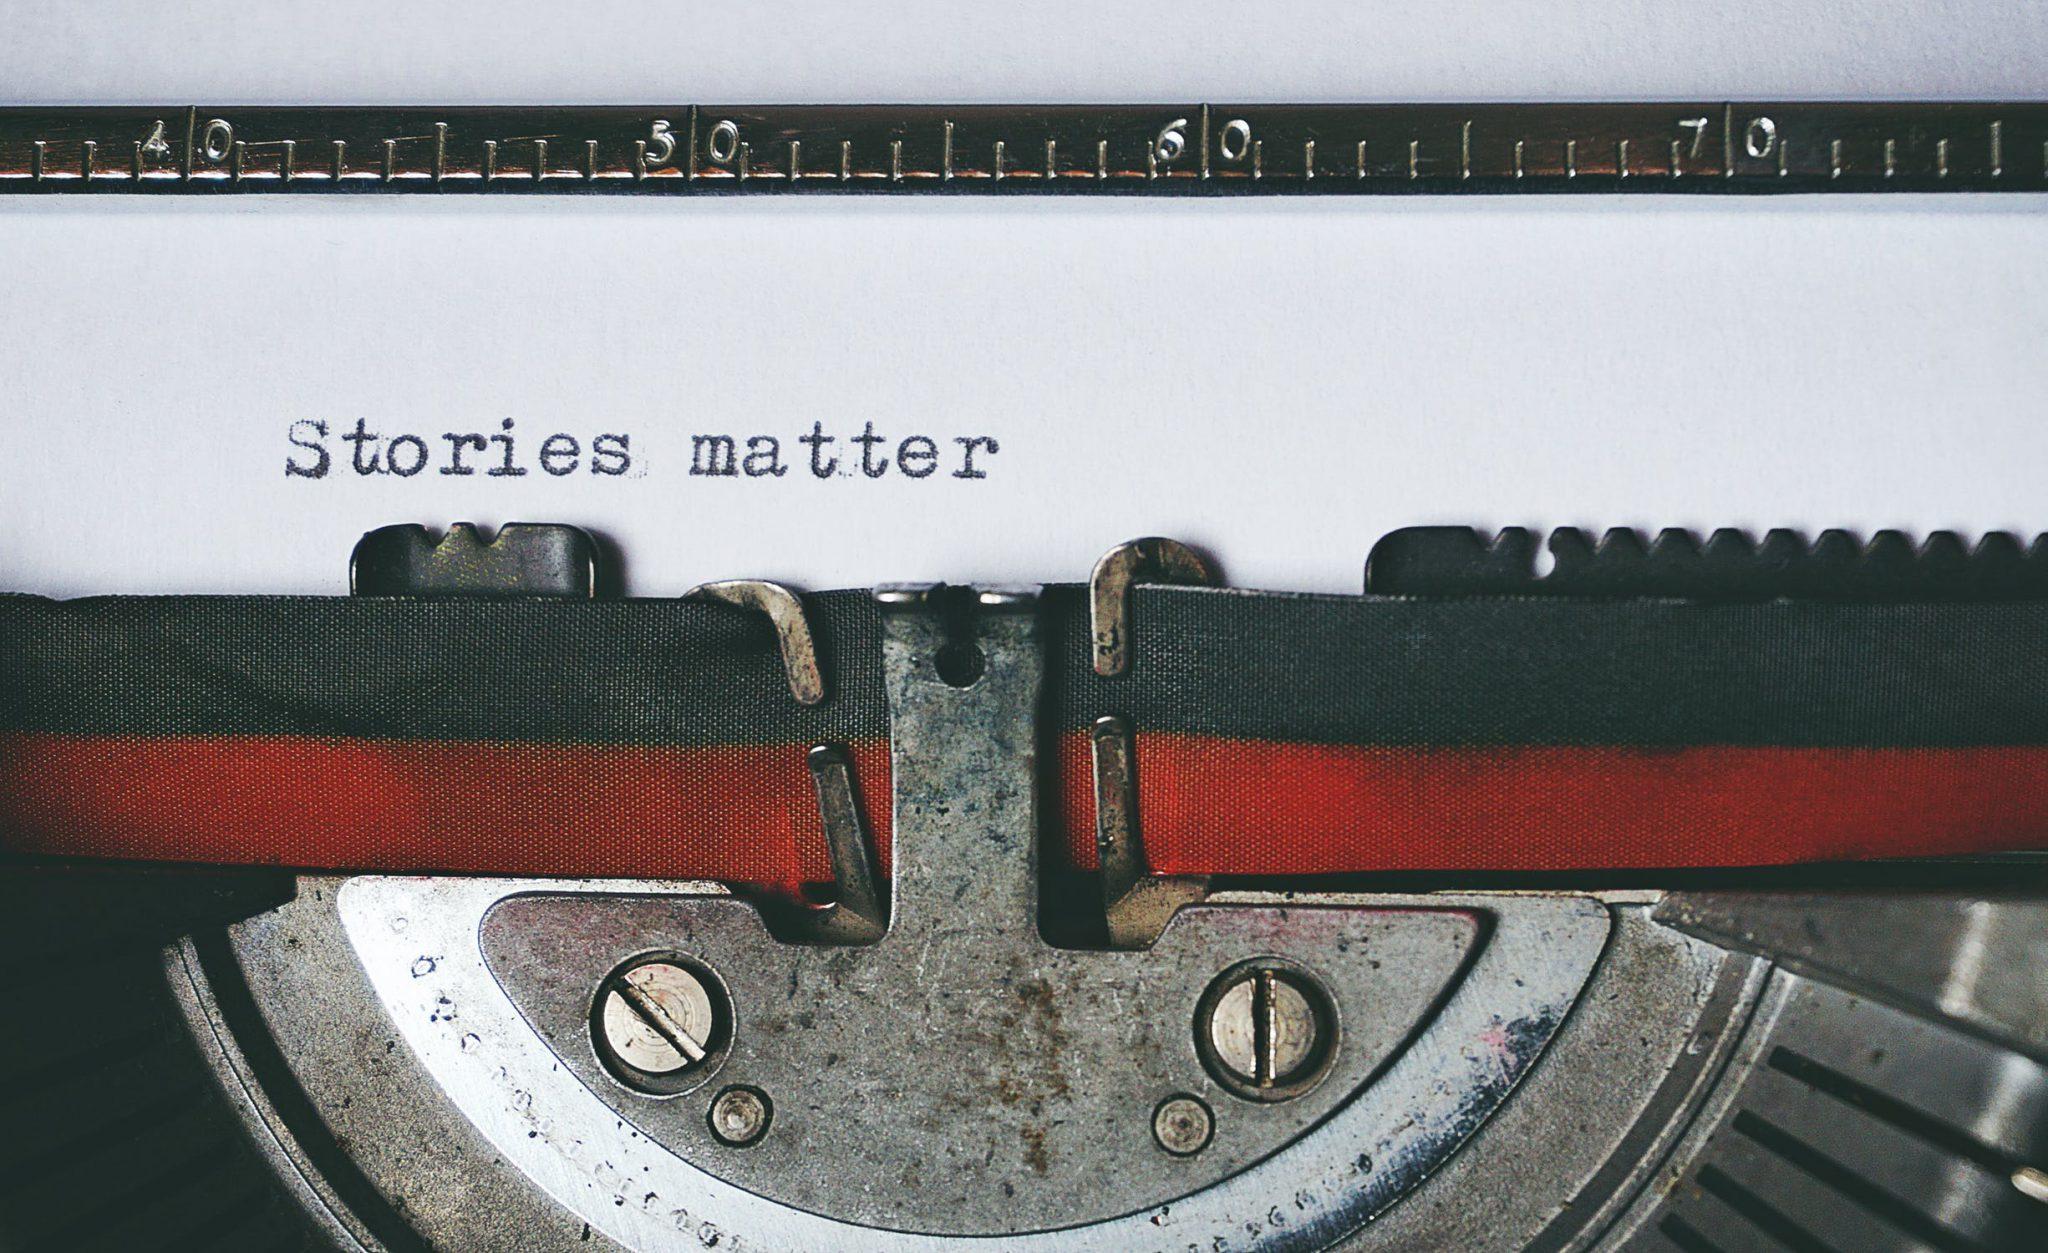 """Spannende Wendungen schreiben; Papier in Schreibmaschine; auf dem Papier steht """"Stories matter"""""""